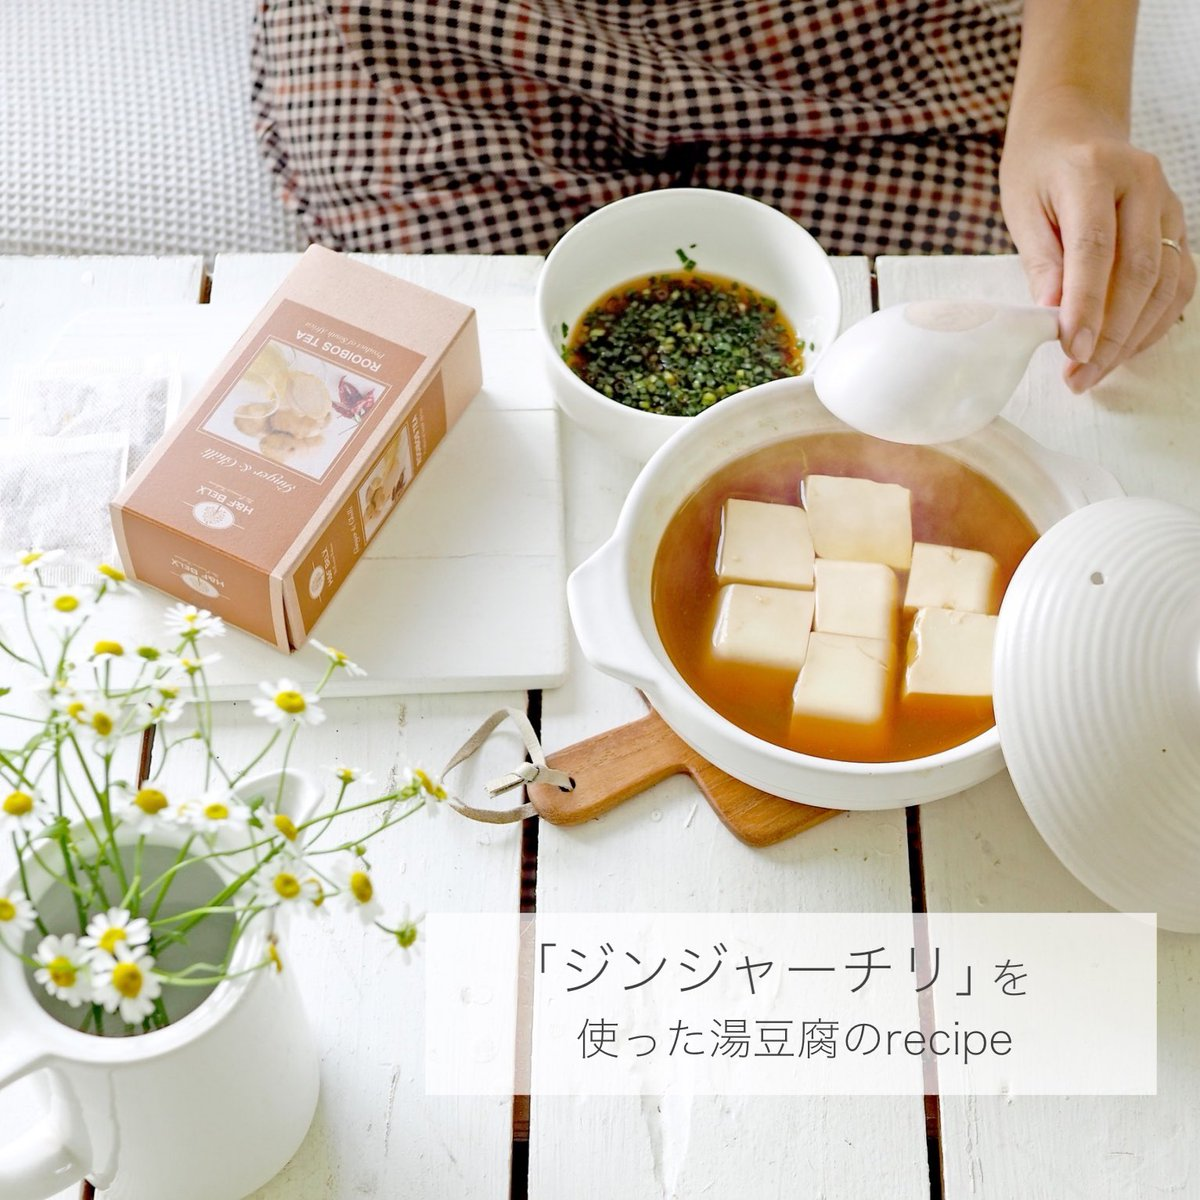 🟠ルイボスティージンジャーチリで湯豆腐ピリッとしてポカポカのジンジャーチリを使って湯豆腐いかがでしょうかクックパッドrecipe👇是非お試し下さい♪ほんと美味しいですよNo.1024 ¥834+tax#hfbelx #グリーンルイボス